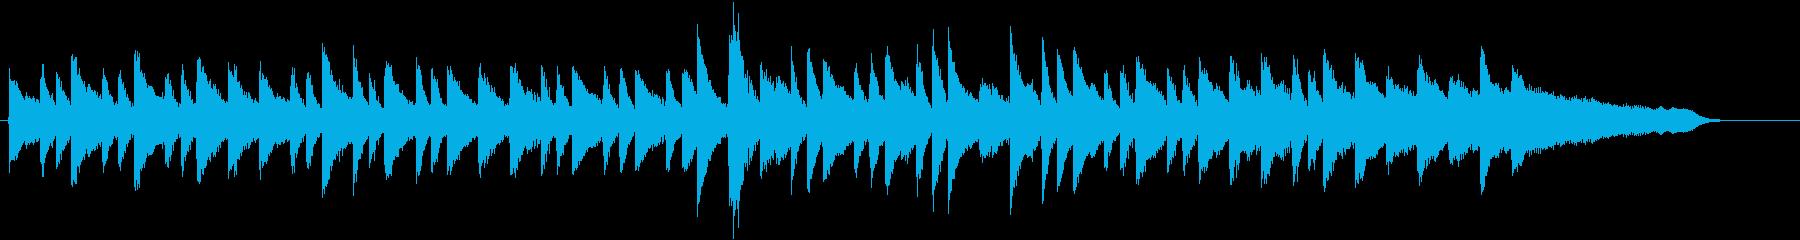 爽快スピード感!ウインターピアノジングルの再生済みの波形